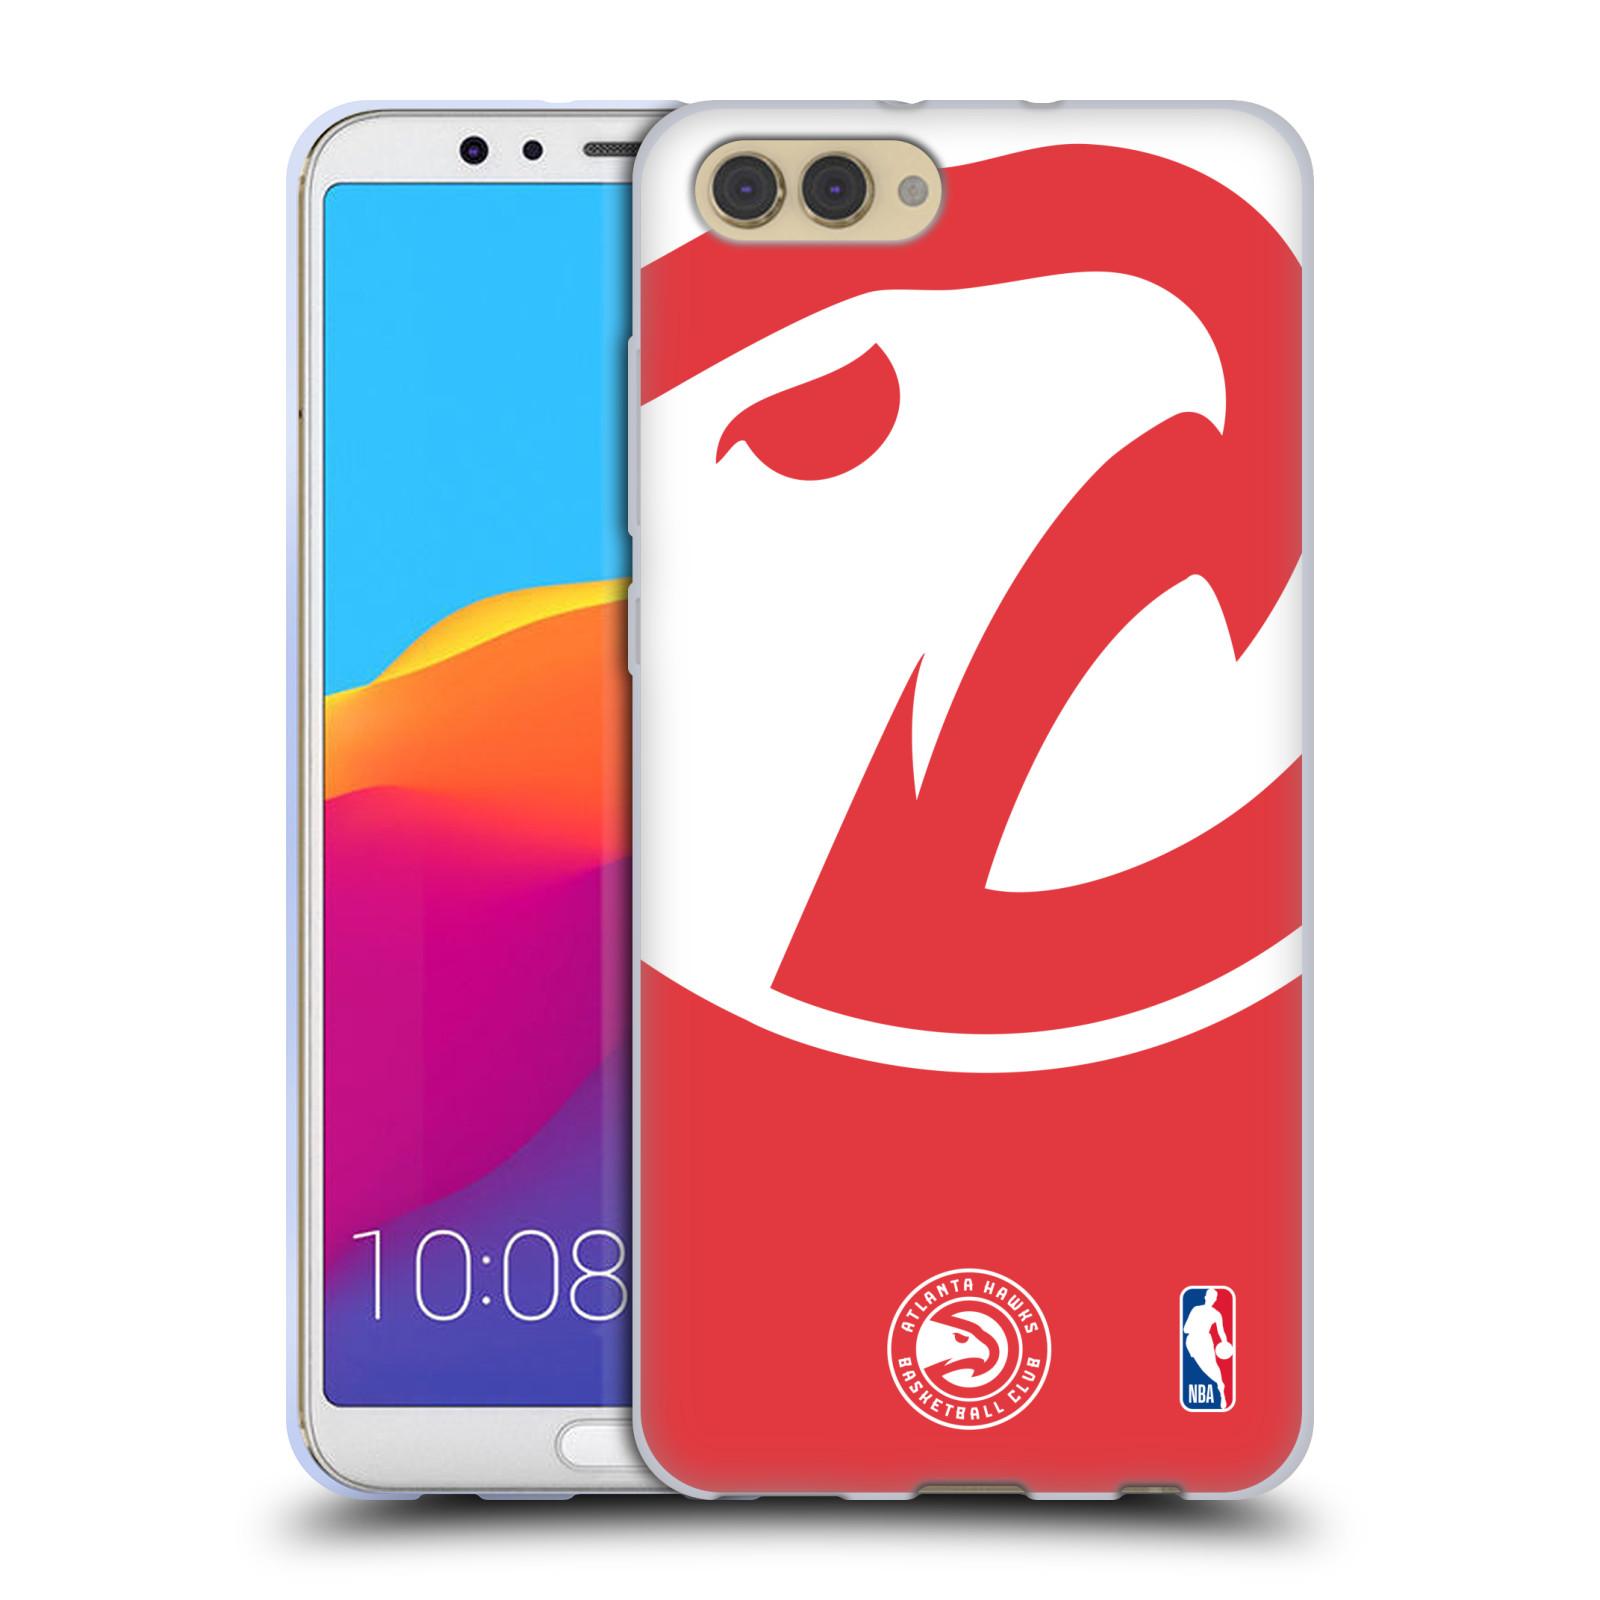 HEAD CASE silikonový obal na mobil Huawei HONOR VIEW 10 / V10 NBA Basketbalový klub Atlanta Hawks velké logo